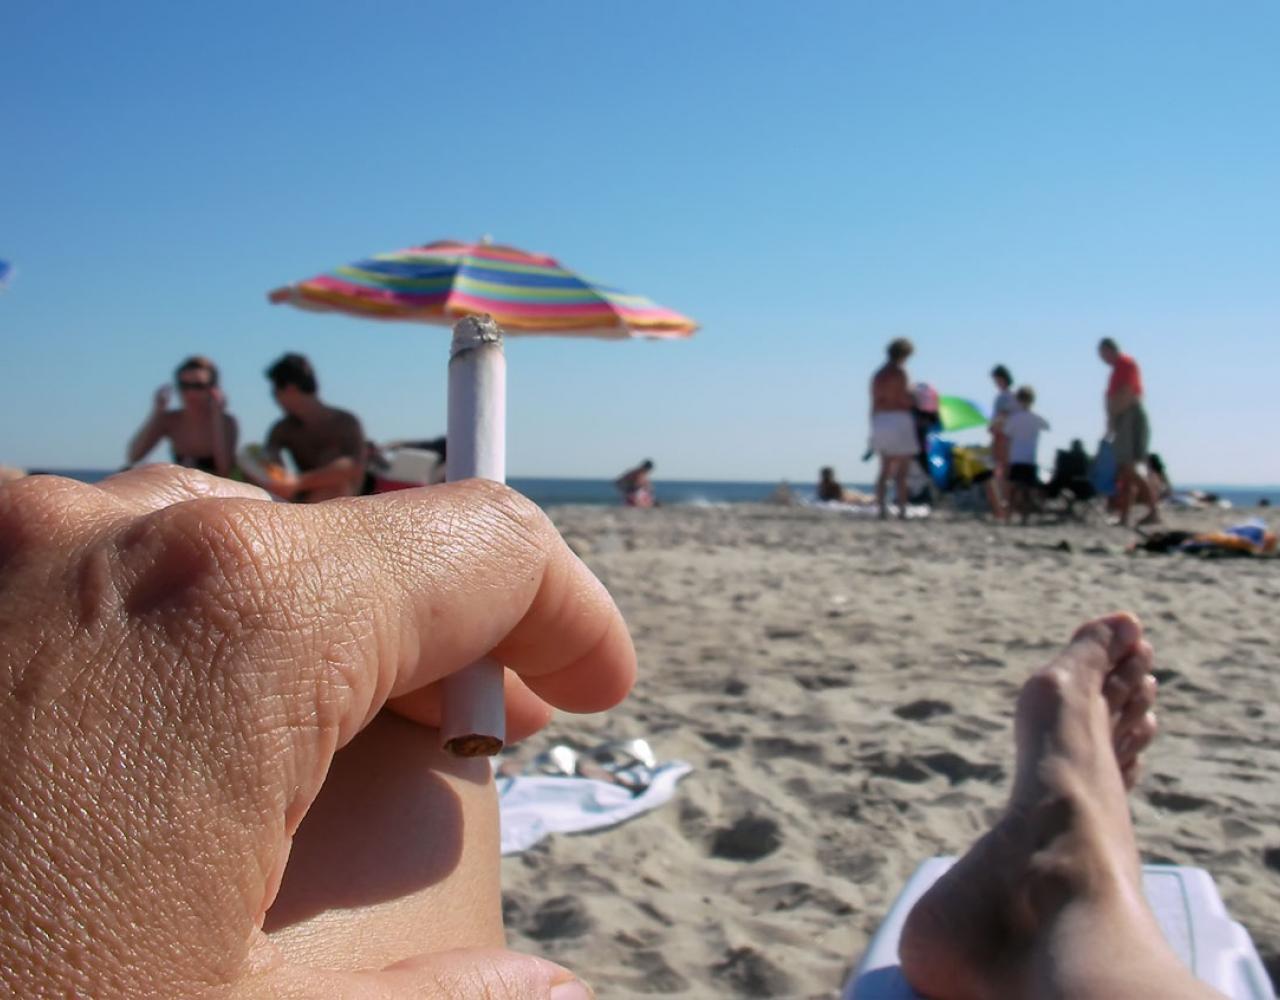 cigaret rygning stranden